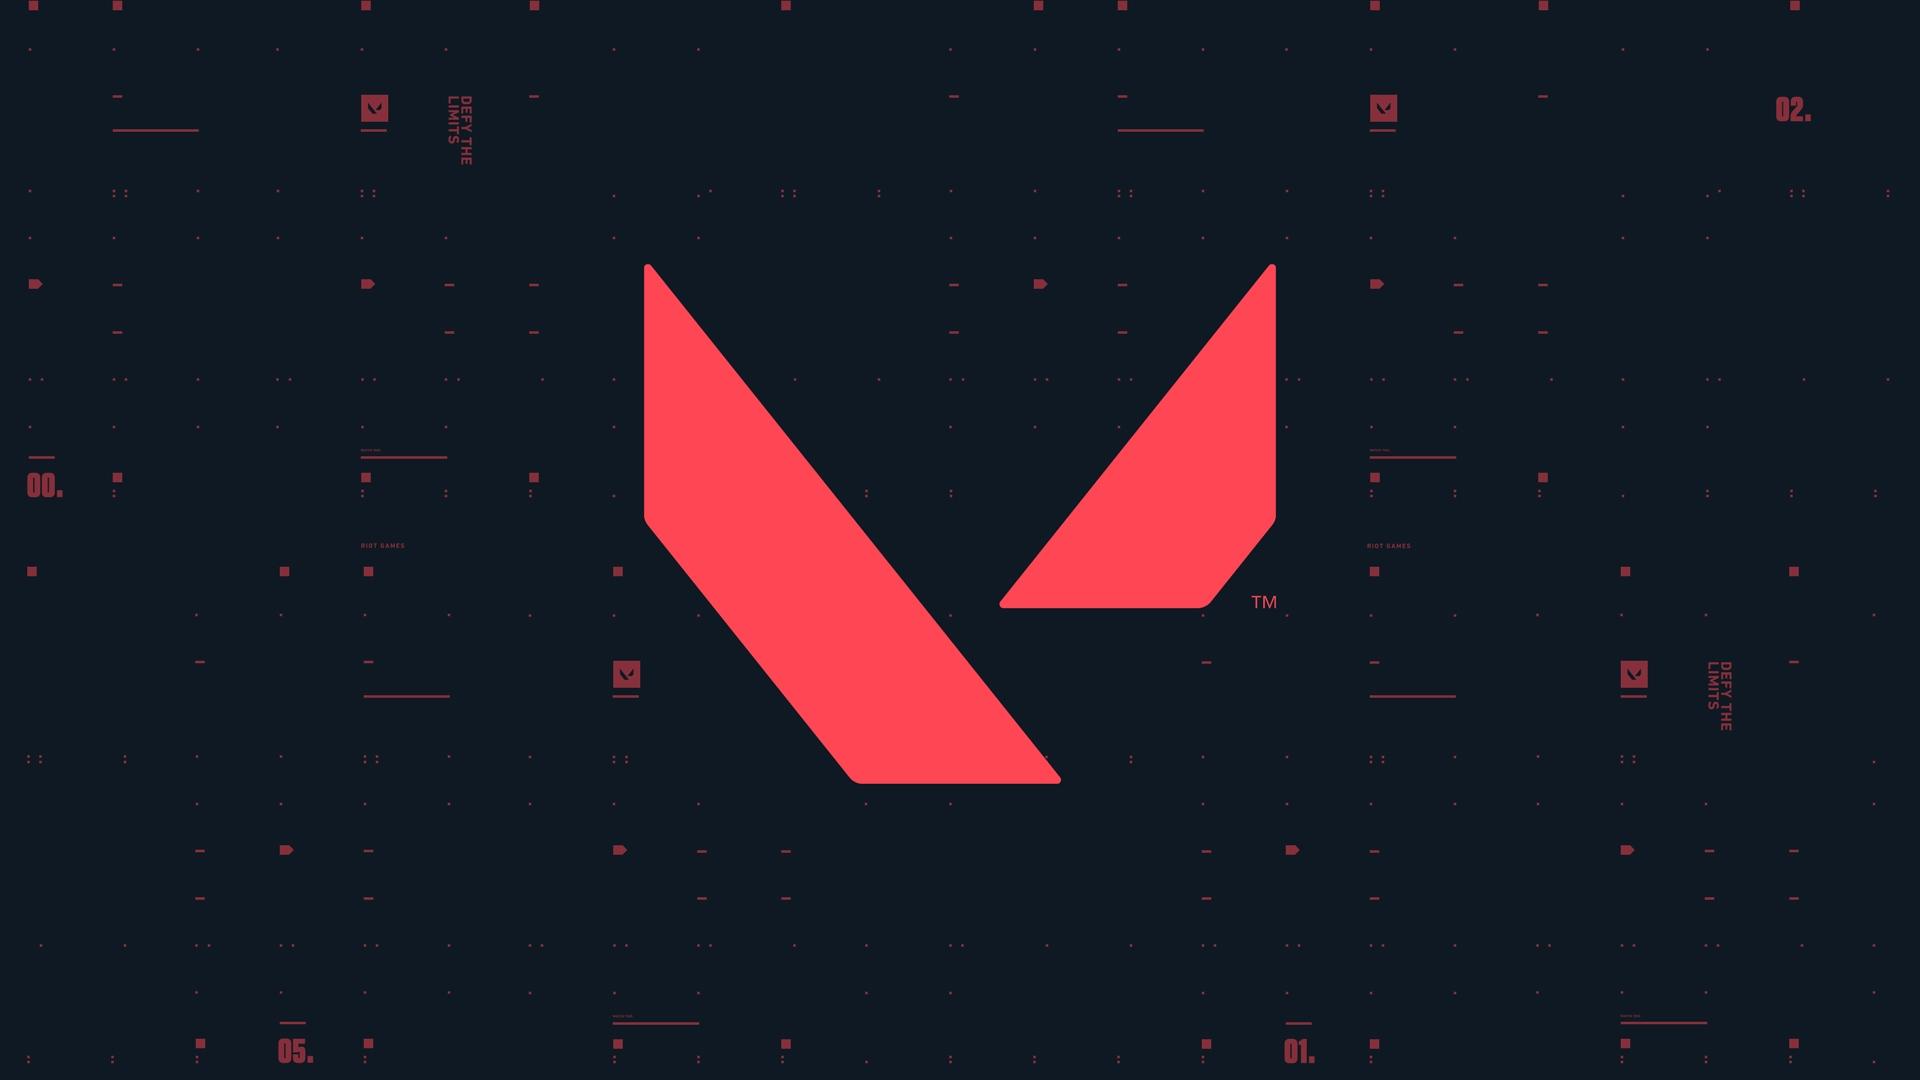 IMAGE(https://images.contentstack.io/v3/assets/bltb6530b271fddd0b1/bltaf4dae47b30c2172/5fd2d140a84f233eaf61091a/VALORANT_Logo_V.jpg)